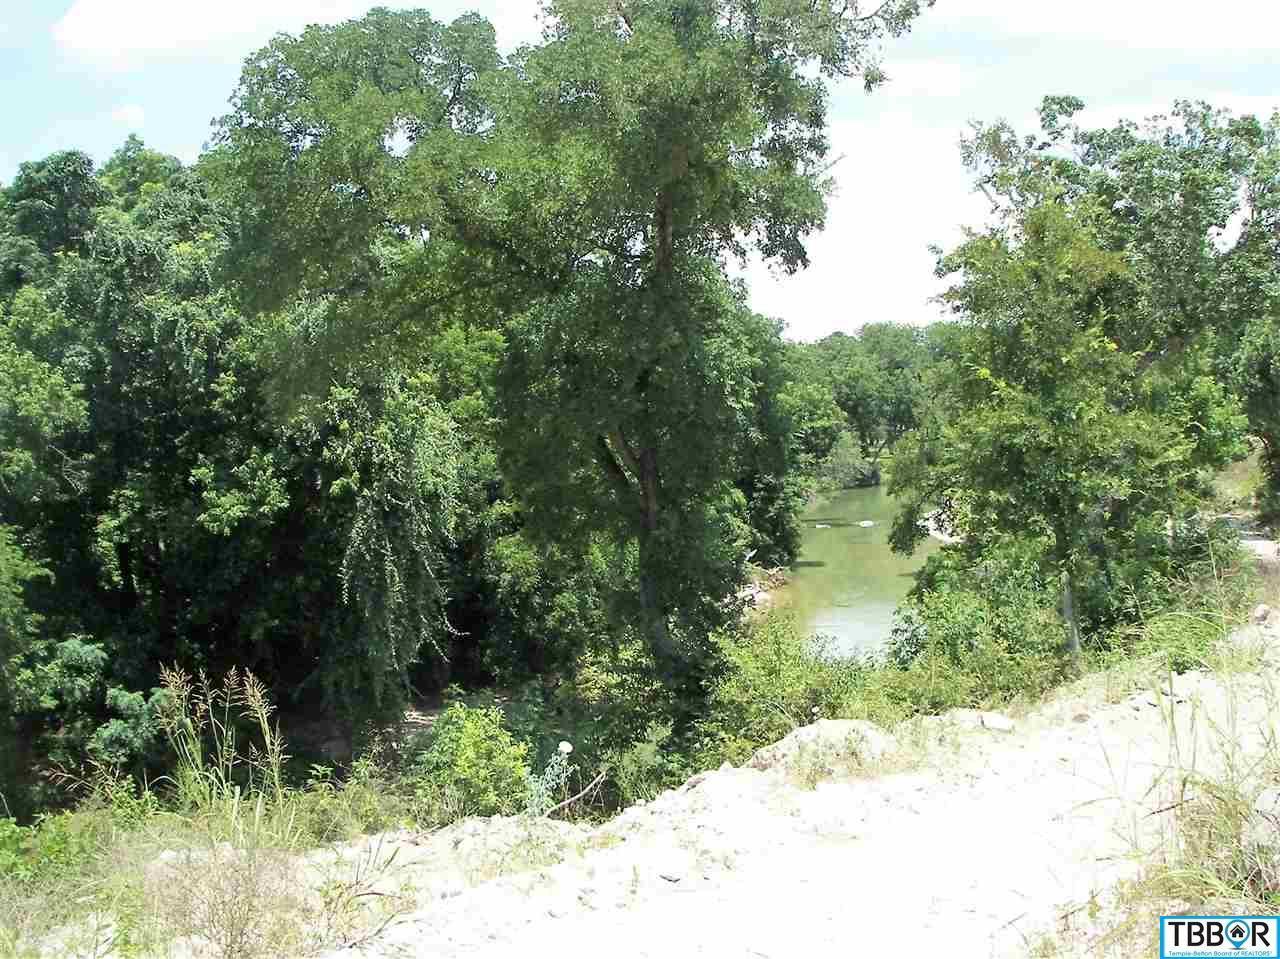 125 Via Fiume, Belton TX 76513 - Photo 1